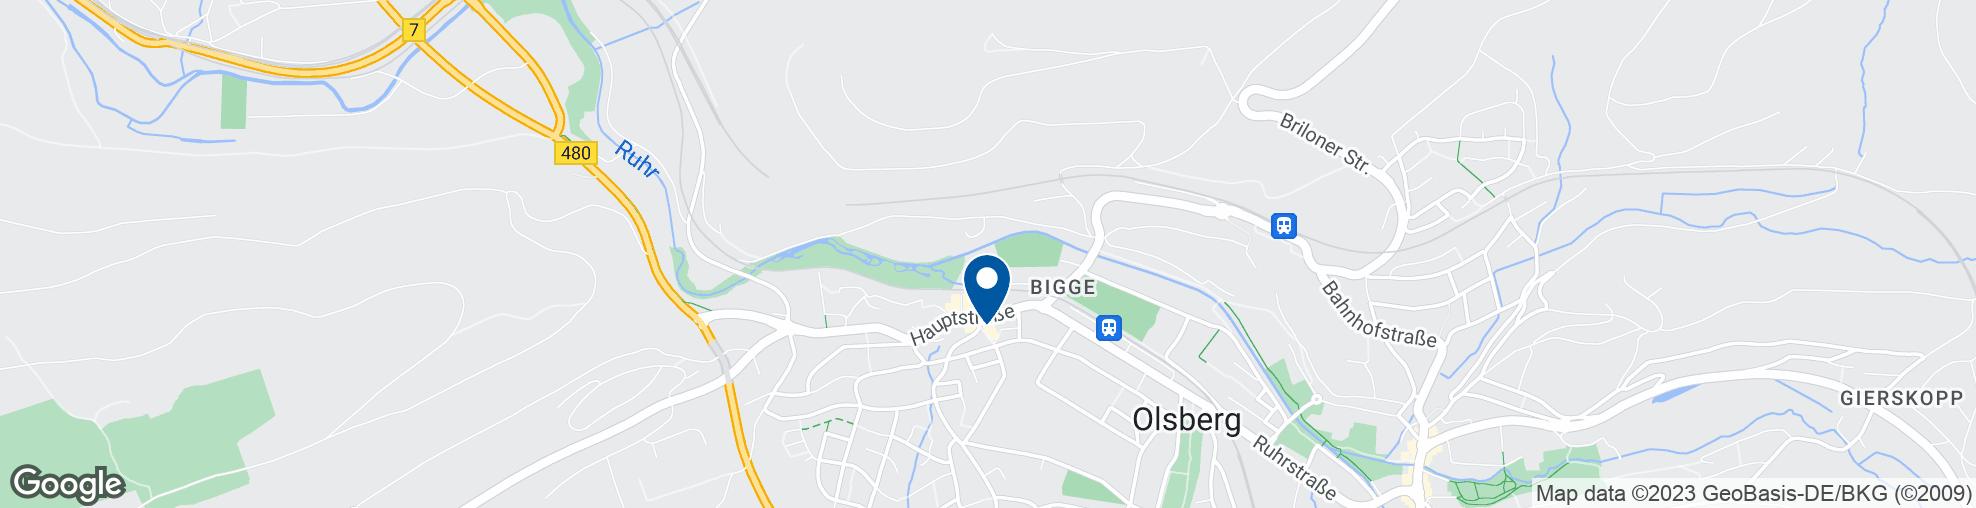 Hotel Bigger Hof In Olsberg